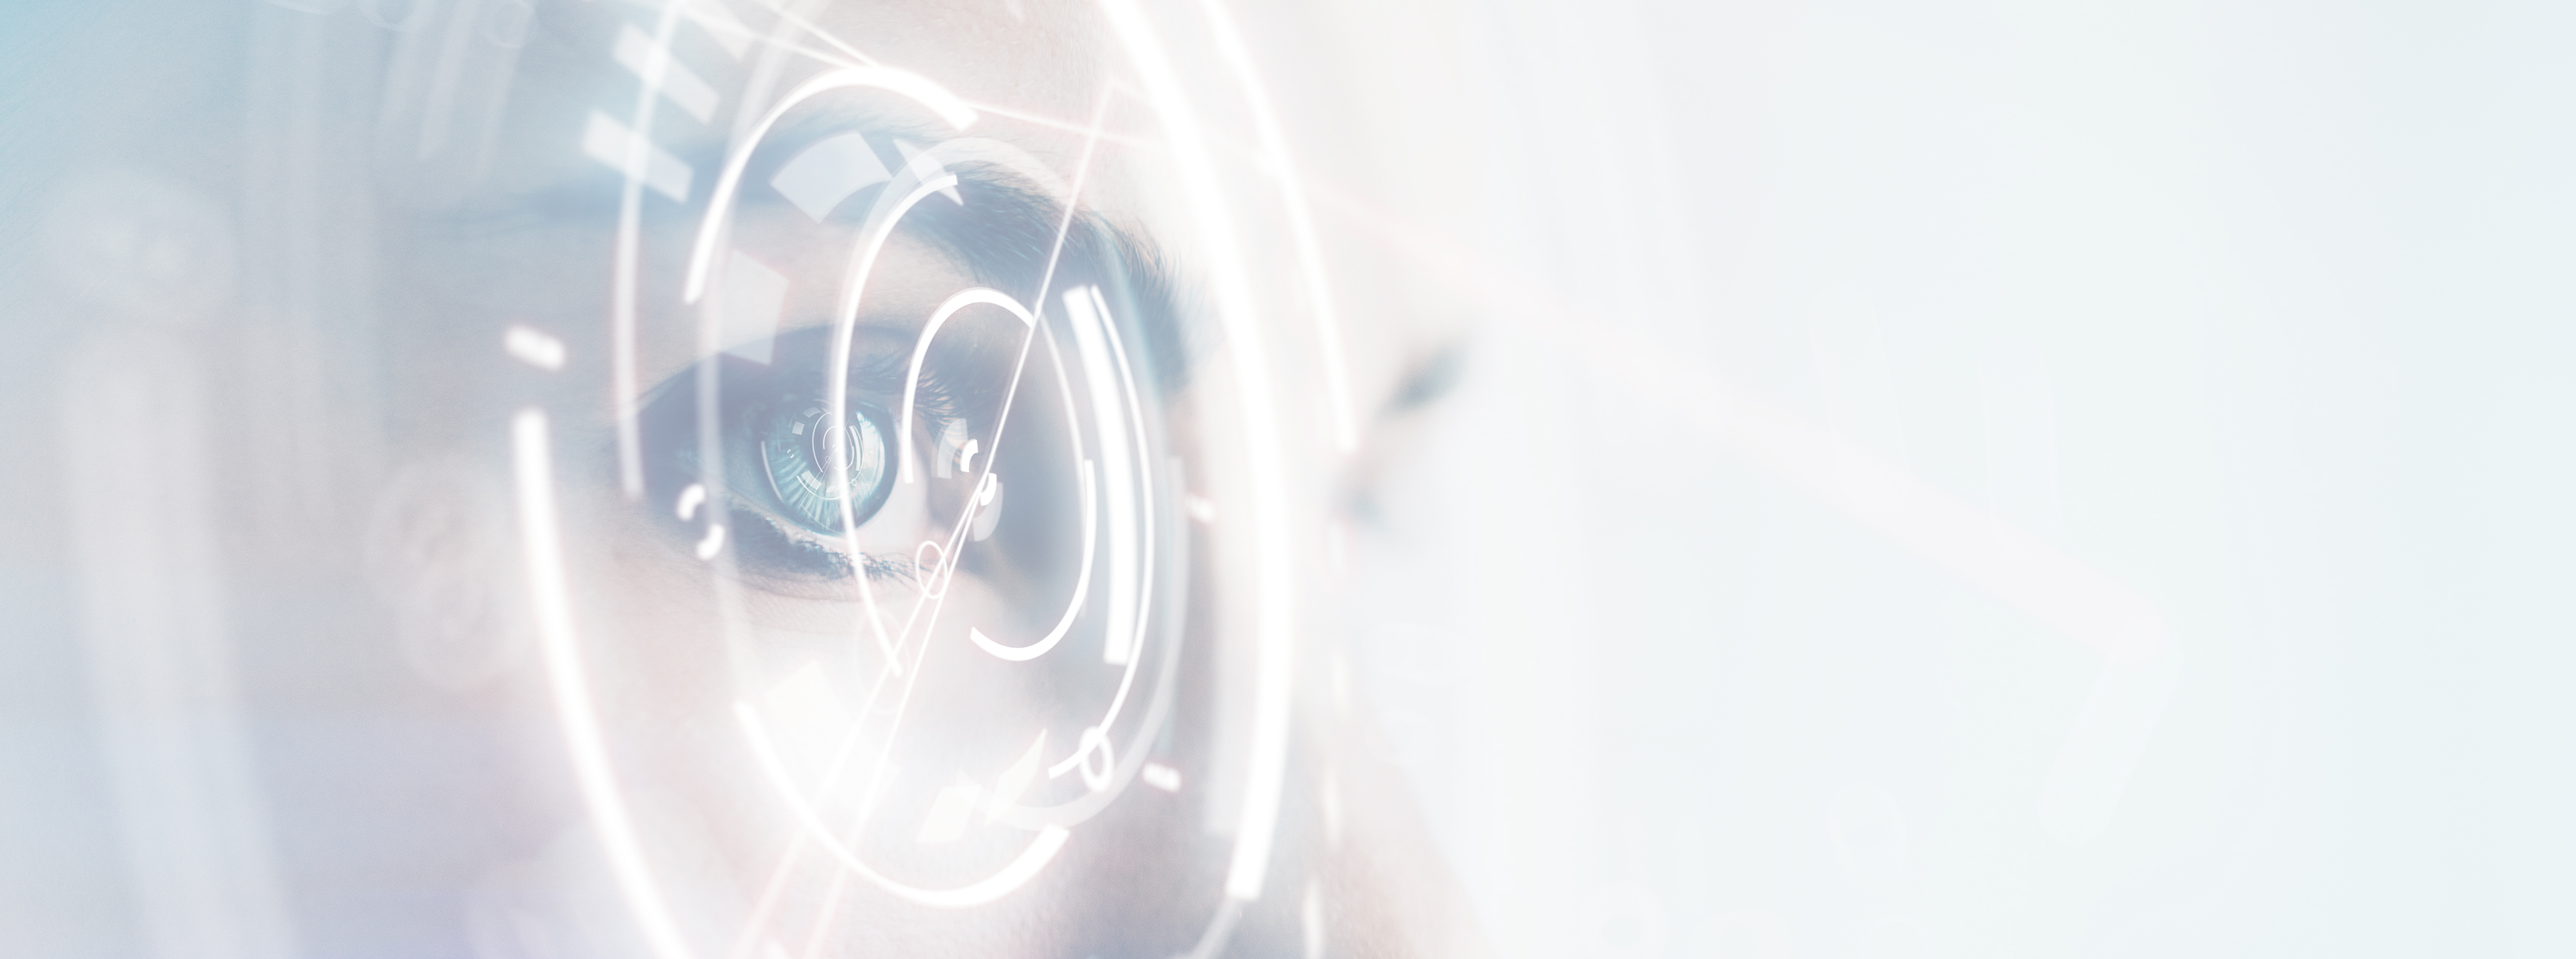 online látásvizsgálat hiperópiára vizuális fejlesztési gyakorlatok